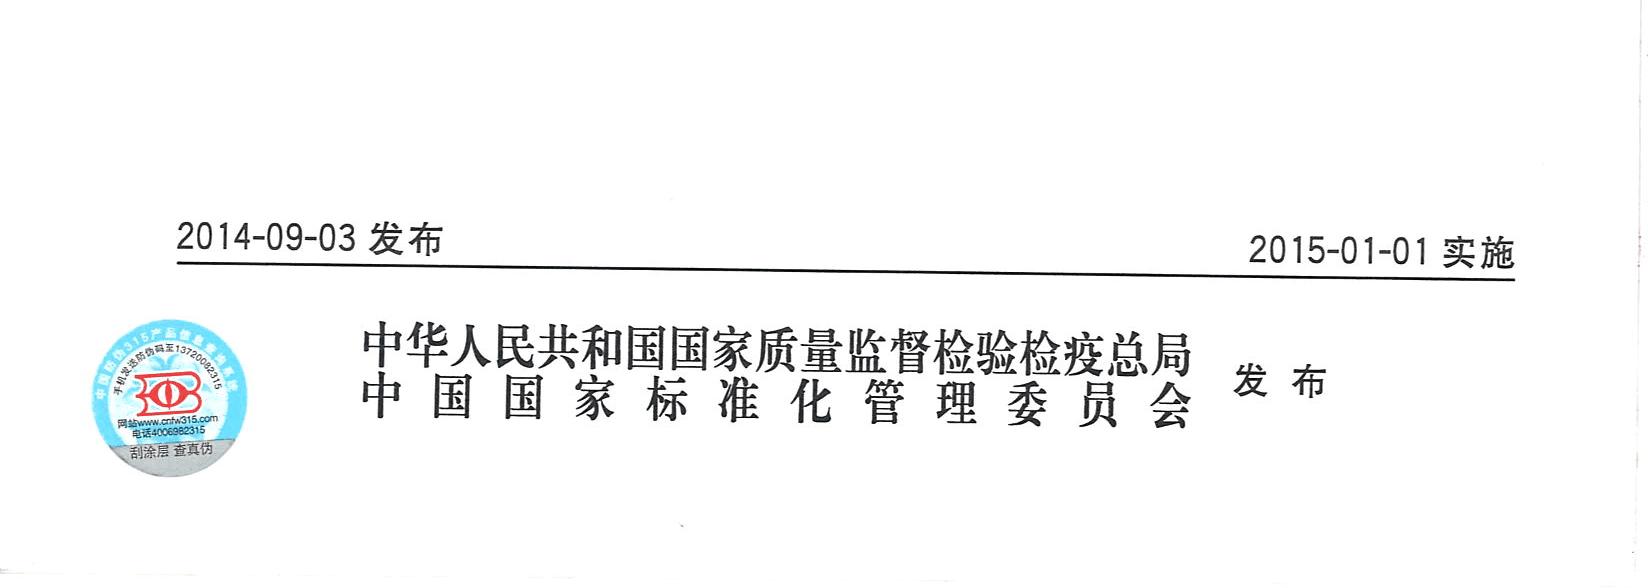 GBT 31147-2014人身损害护理依赖程度评定-janhovah1